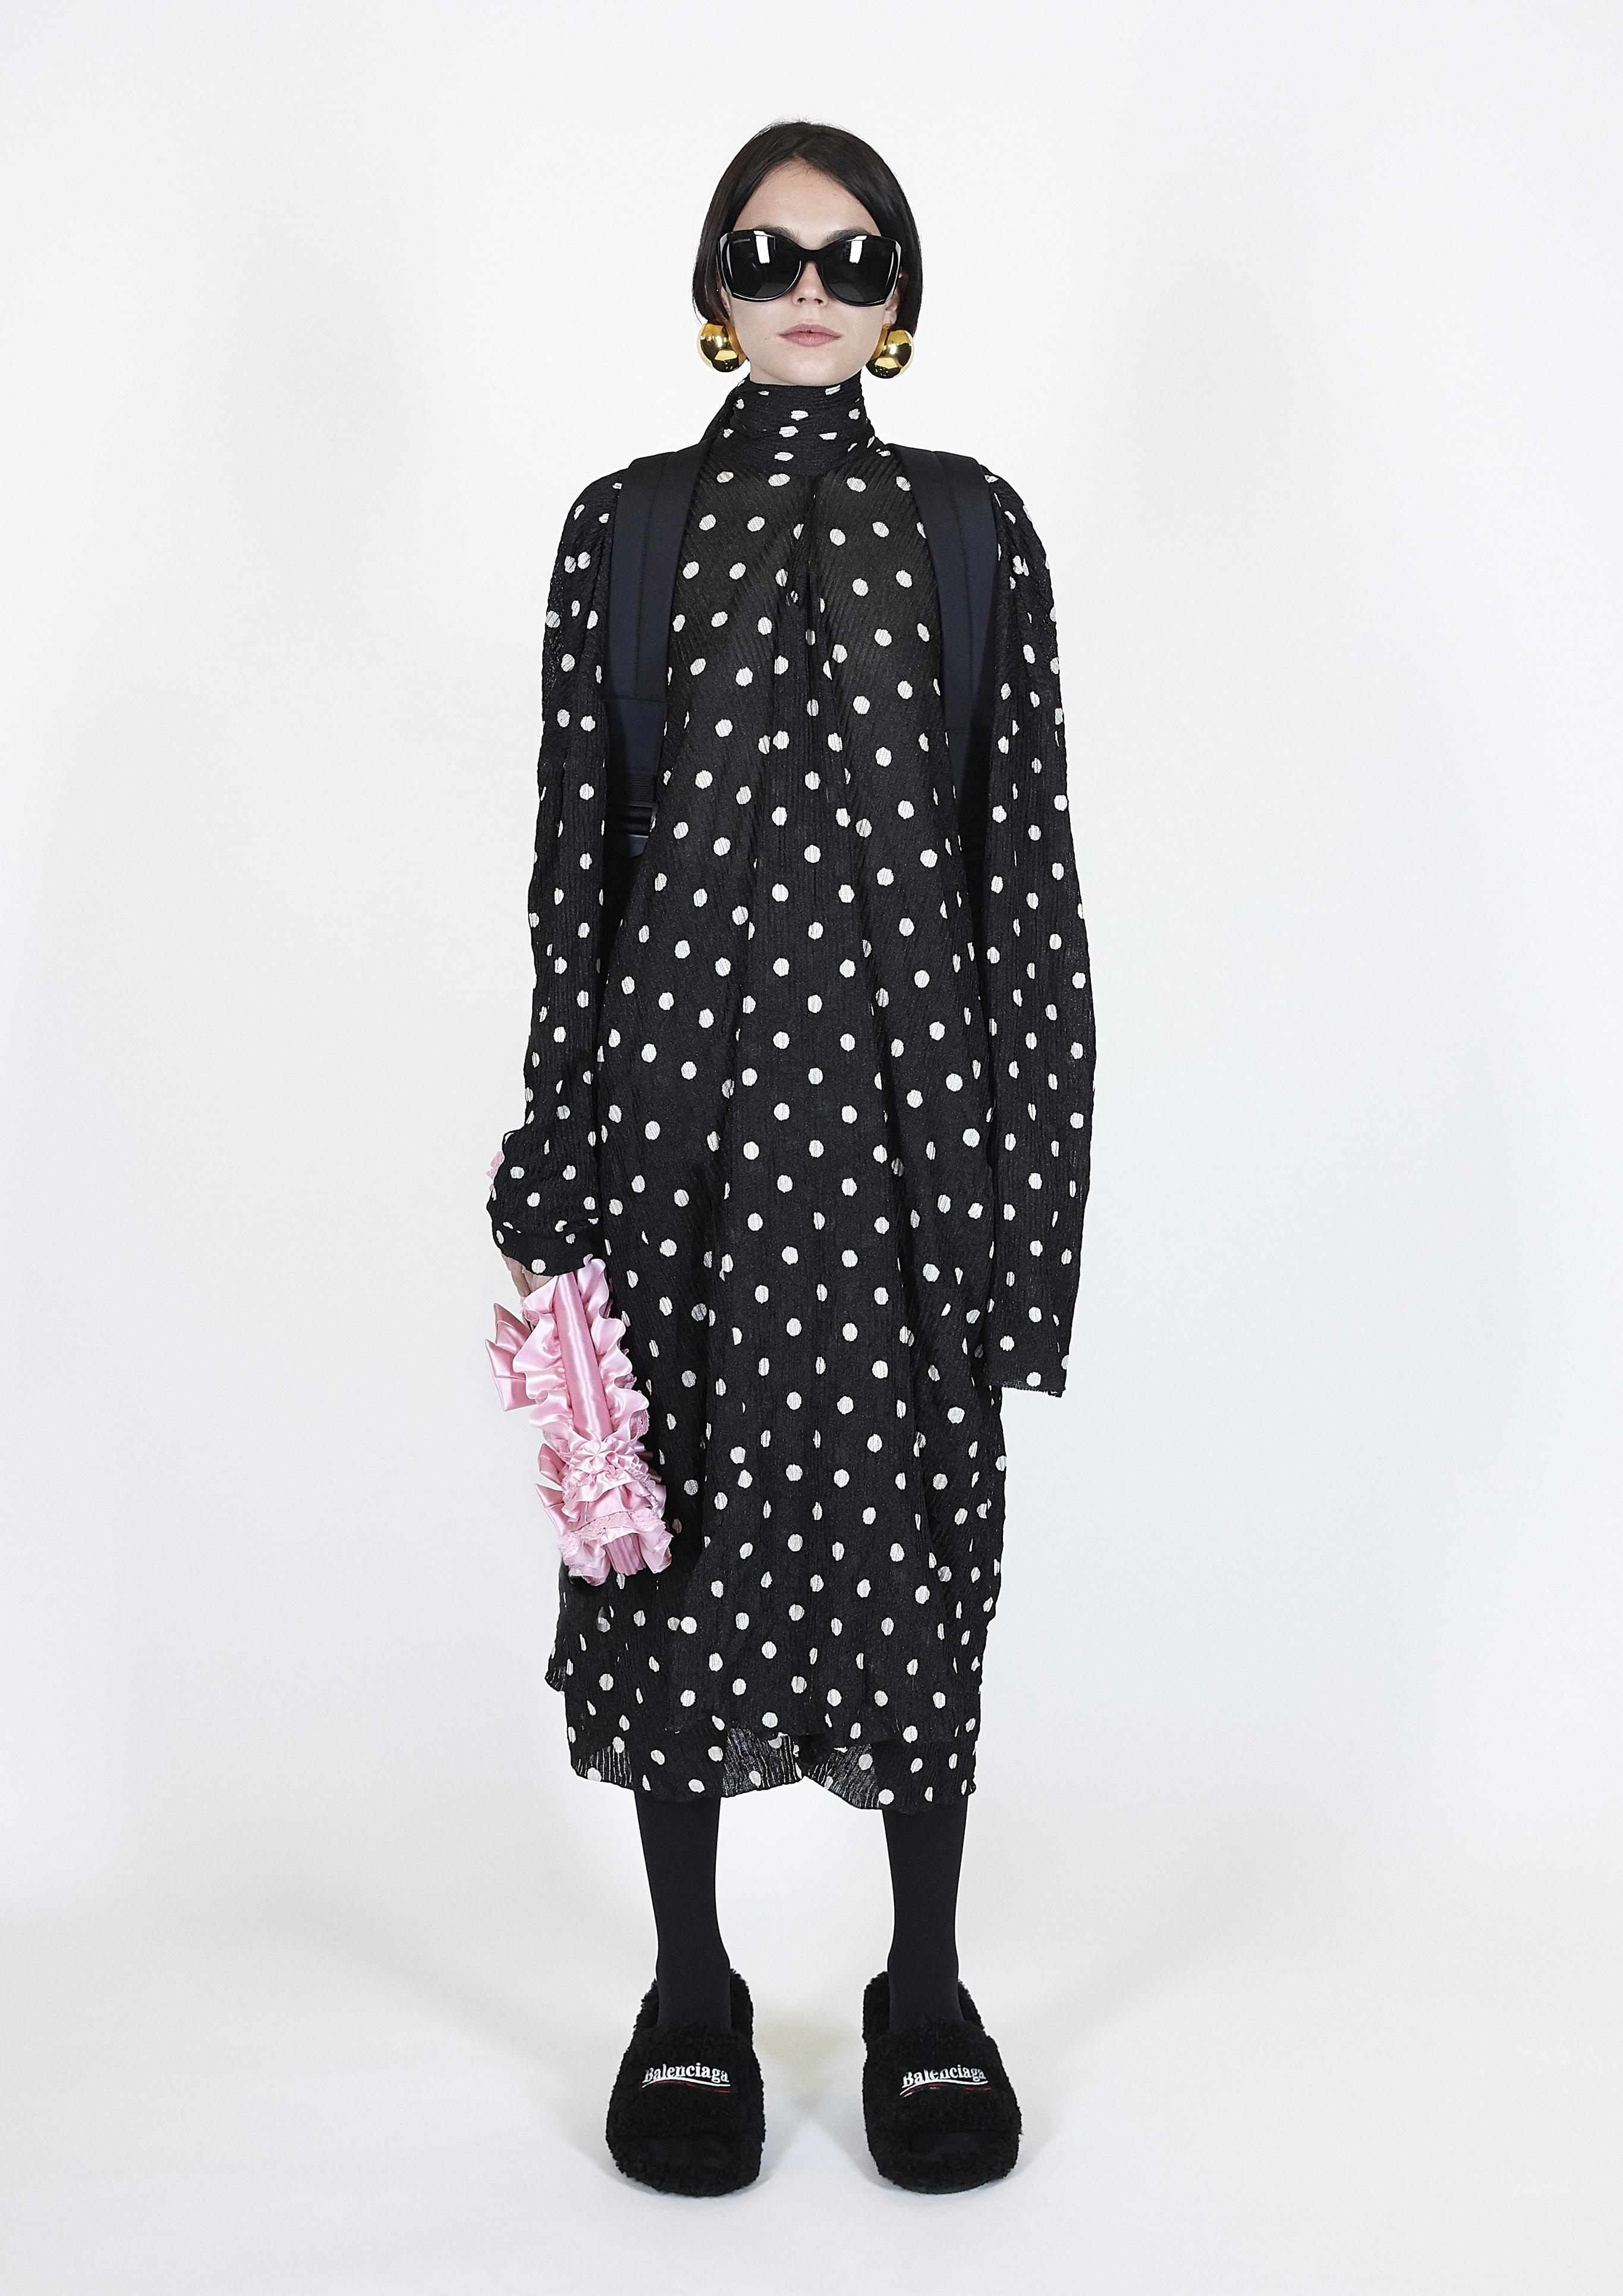 Το τέλος του glamour: 10 ρούχα που μας δείχνουν πώς η πρακτικότητα είναι το μέλλον της μόδας